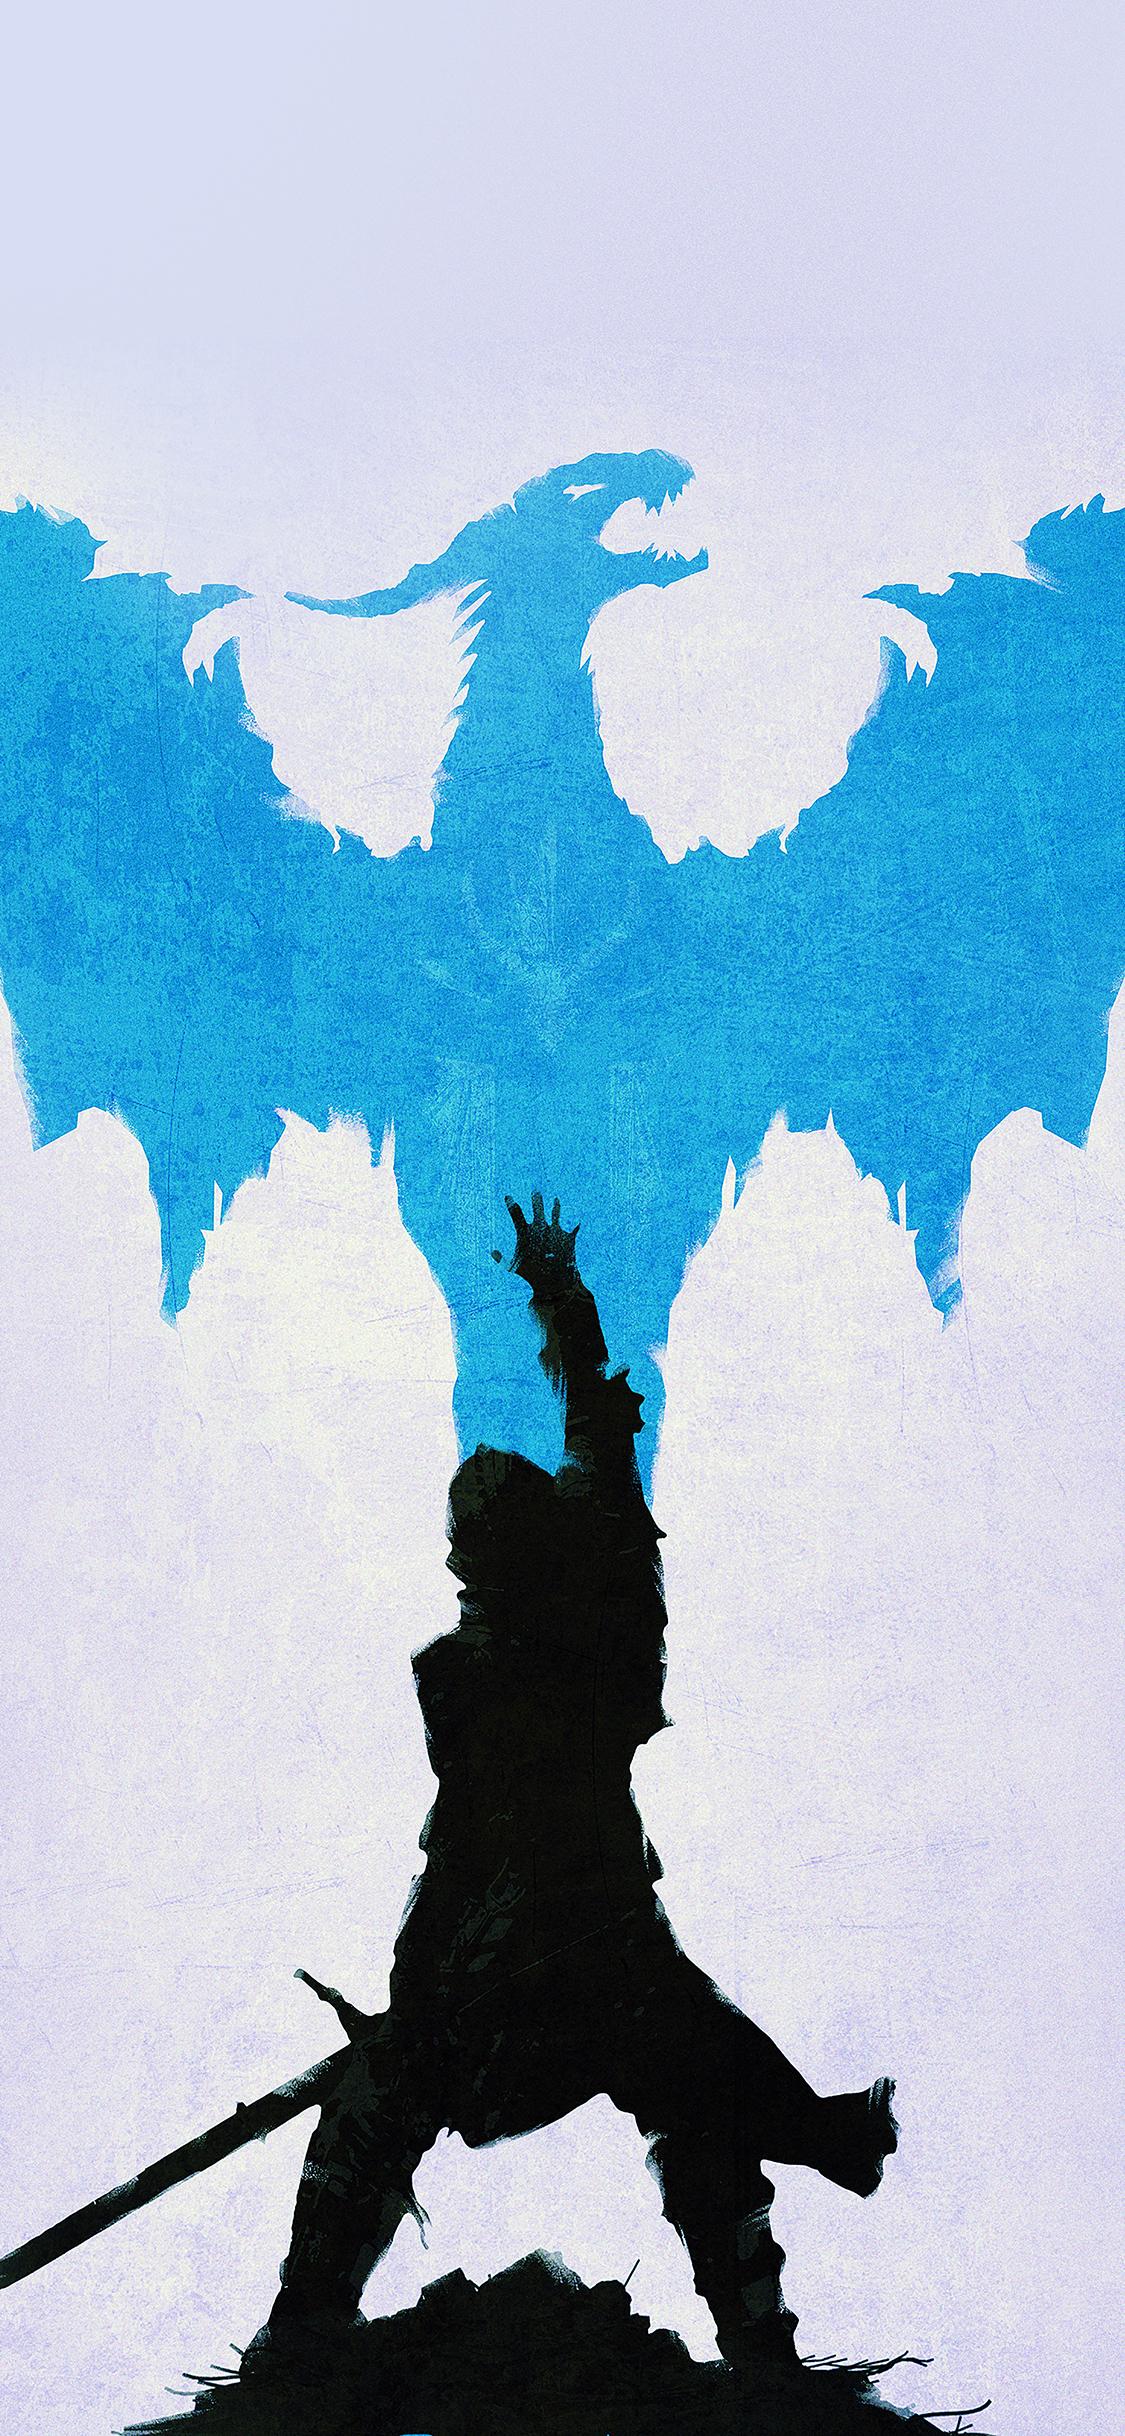 aj12-dragon-age-blue-art-illust-minimal